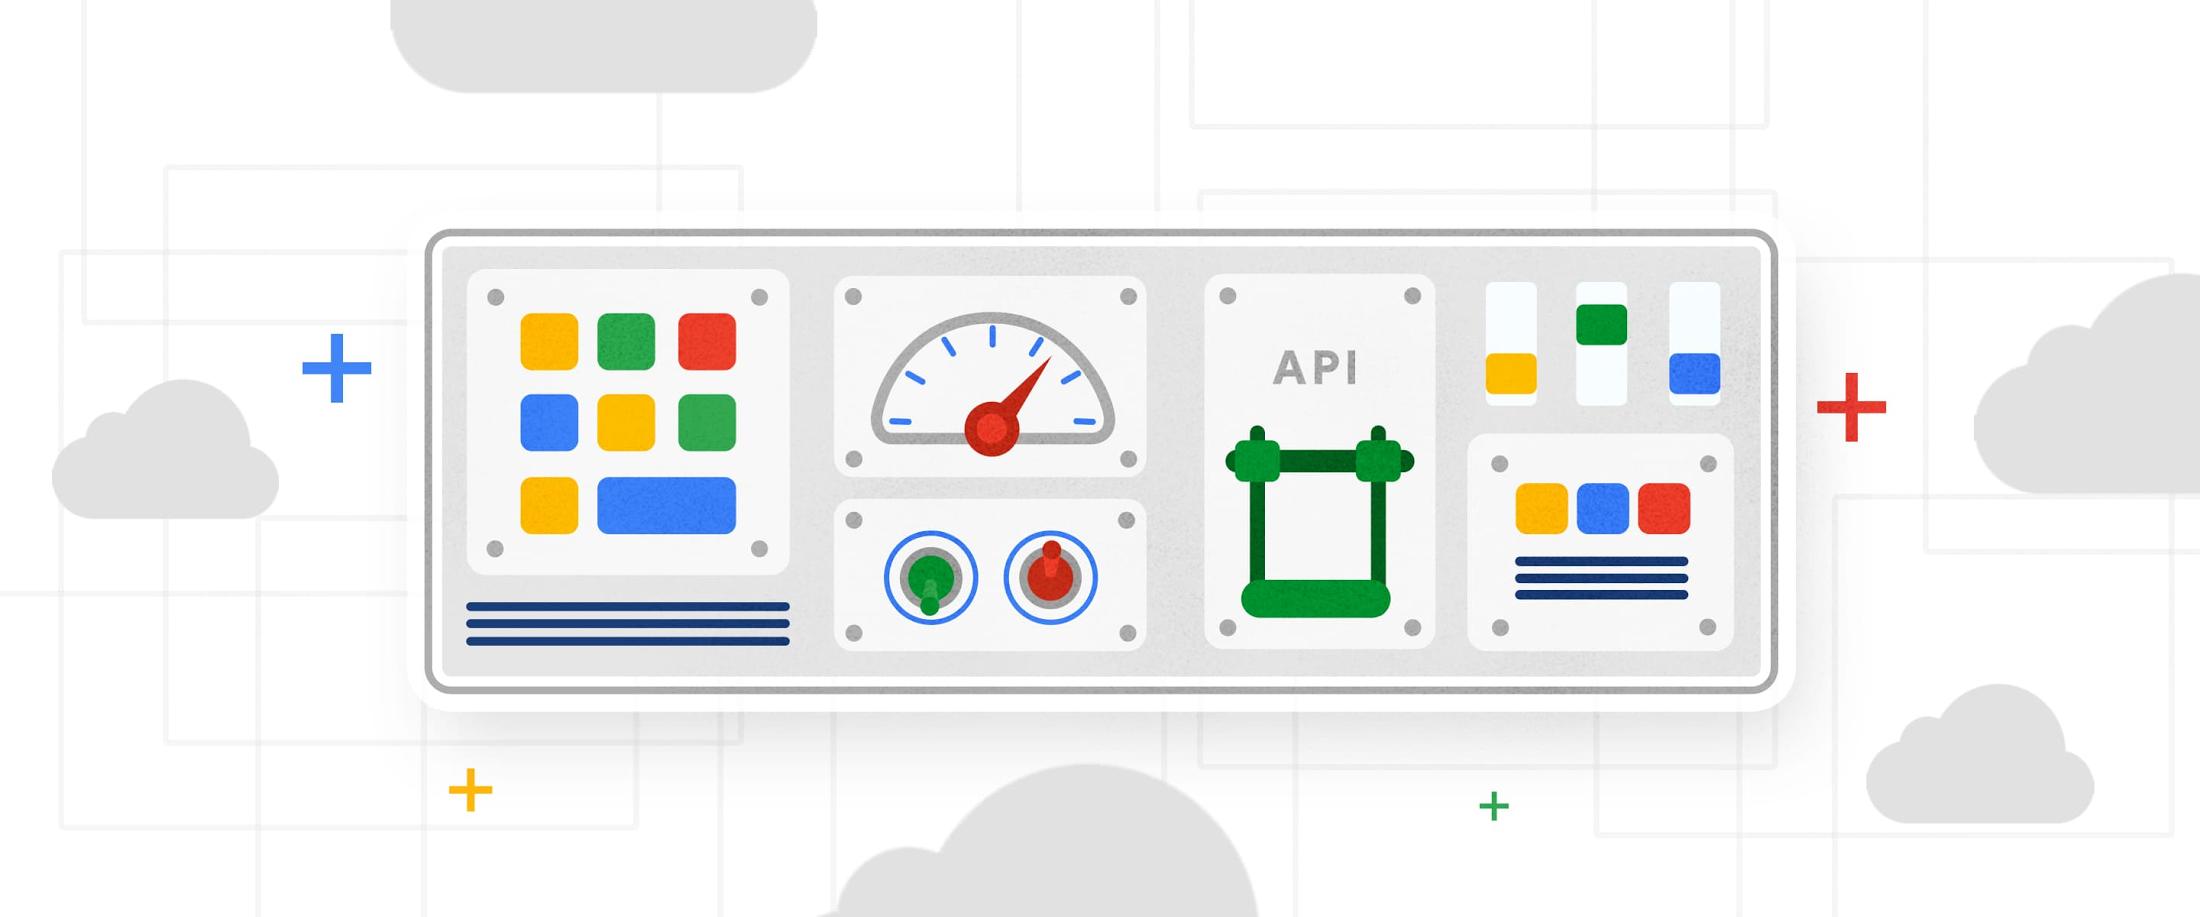 Google Cloud API design tips